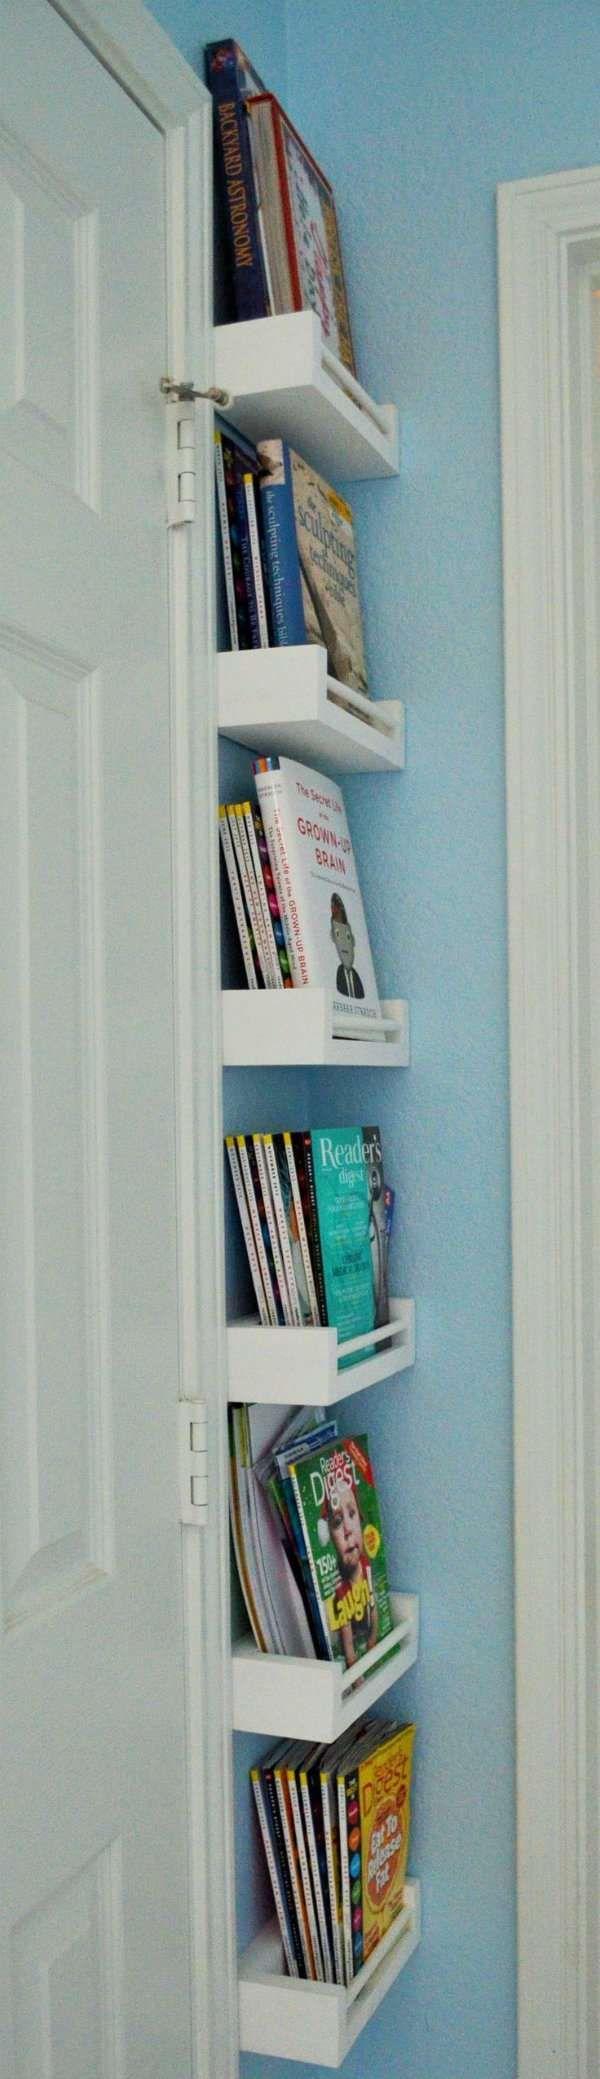 6/ Accrochez de petites étagères murales Une bibliothèque prend souvent de la place alors tournez-vous plutôt vers des éléments muraux comme les étagères! 7/ Utilisez un rangement multipoche ou des paniers suspendus Vous pouvez aussi accrocher un rangement en tissu derrière la porte pour les peluches de votre enfant! Les paniers au mur sont également …